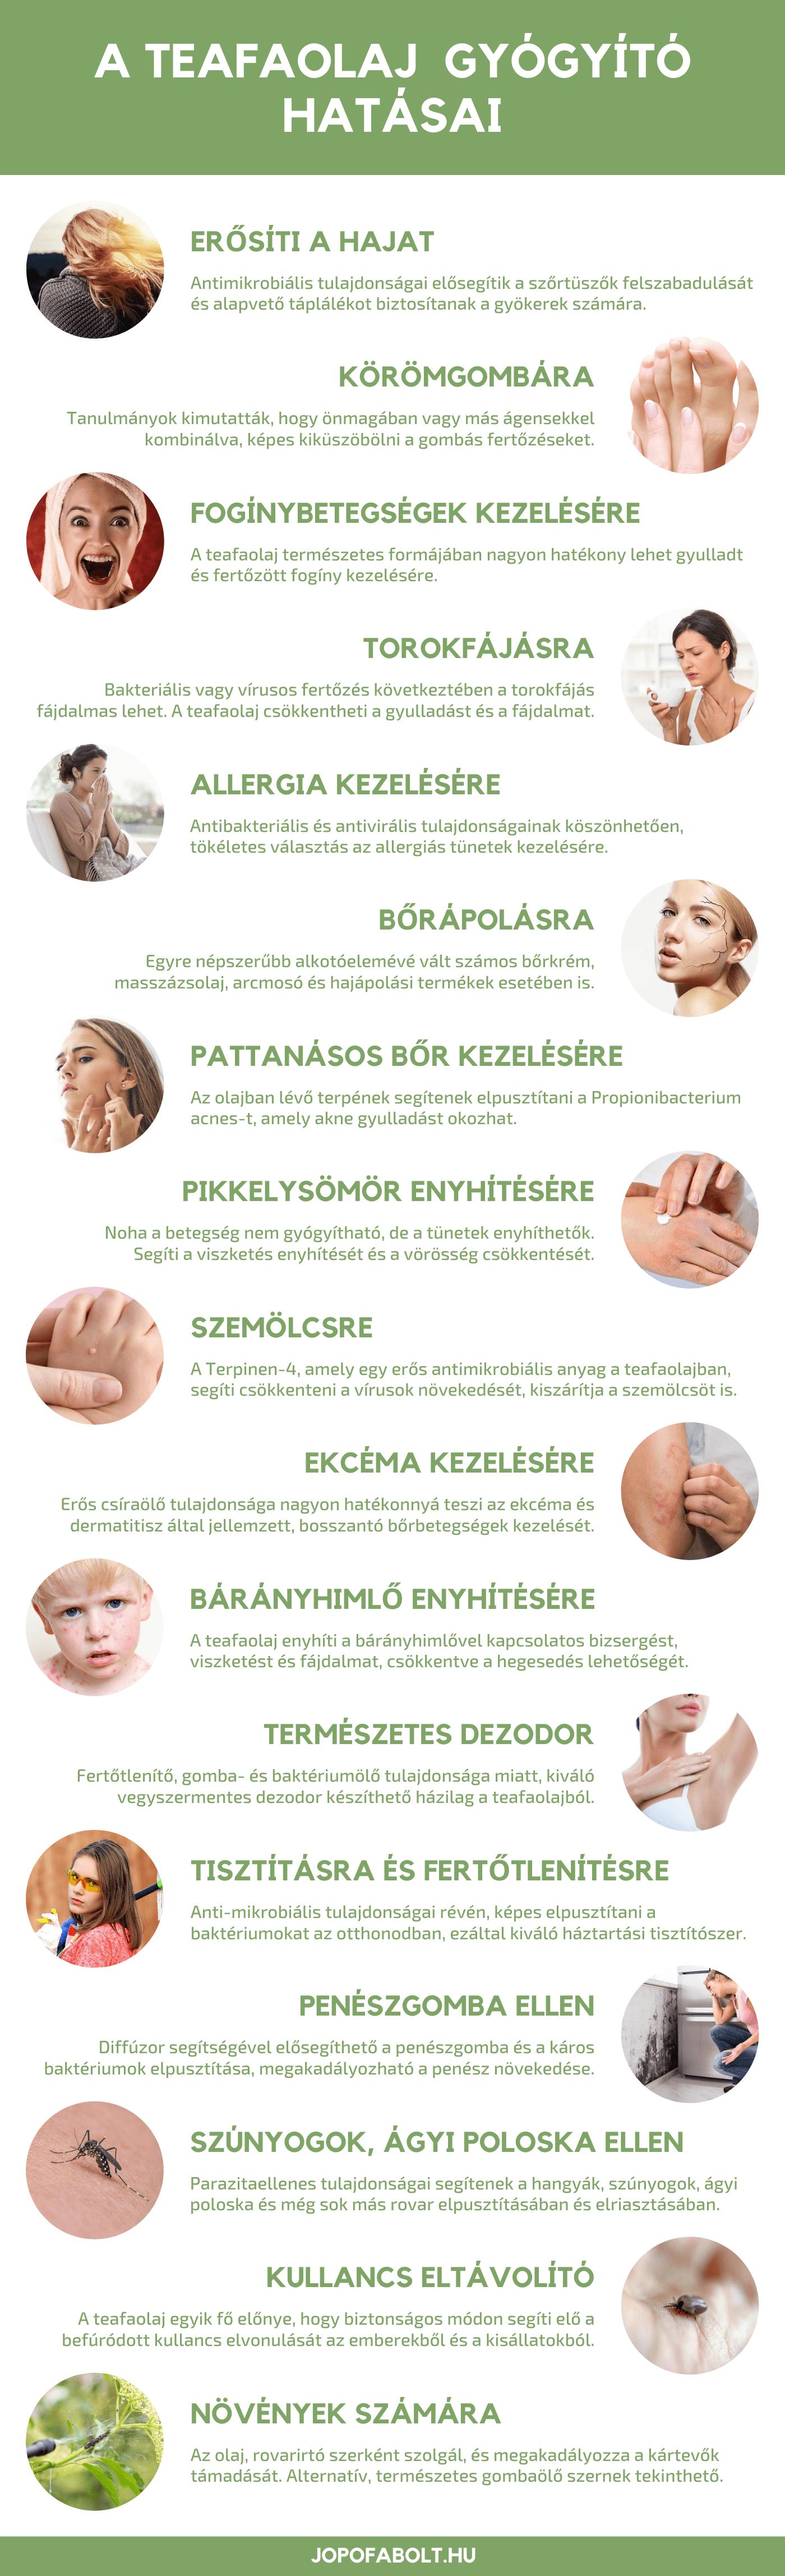 hogyan lehet gyógyítani a gyermeket a pikkelysömörből)